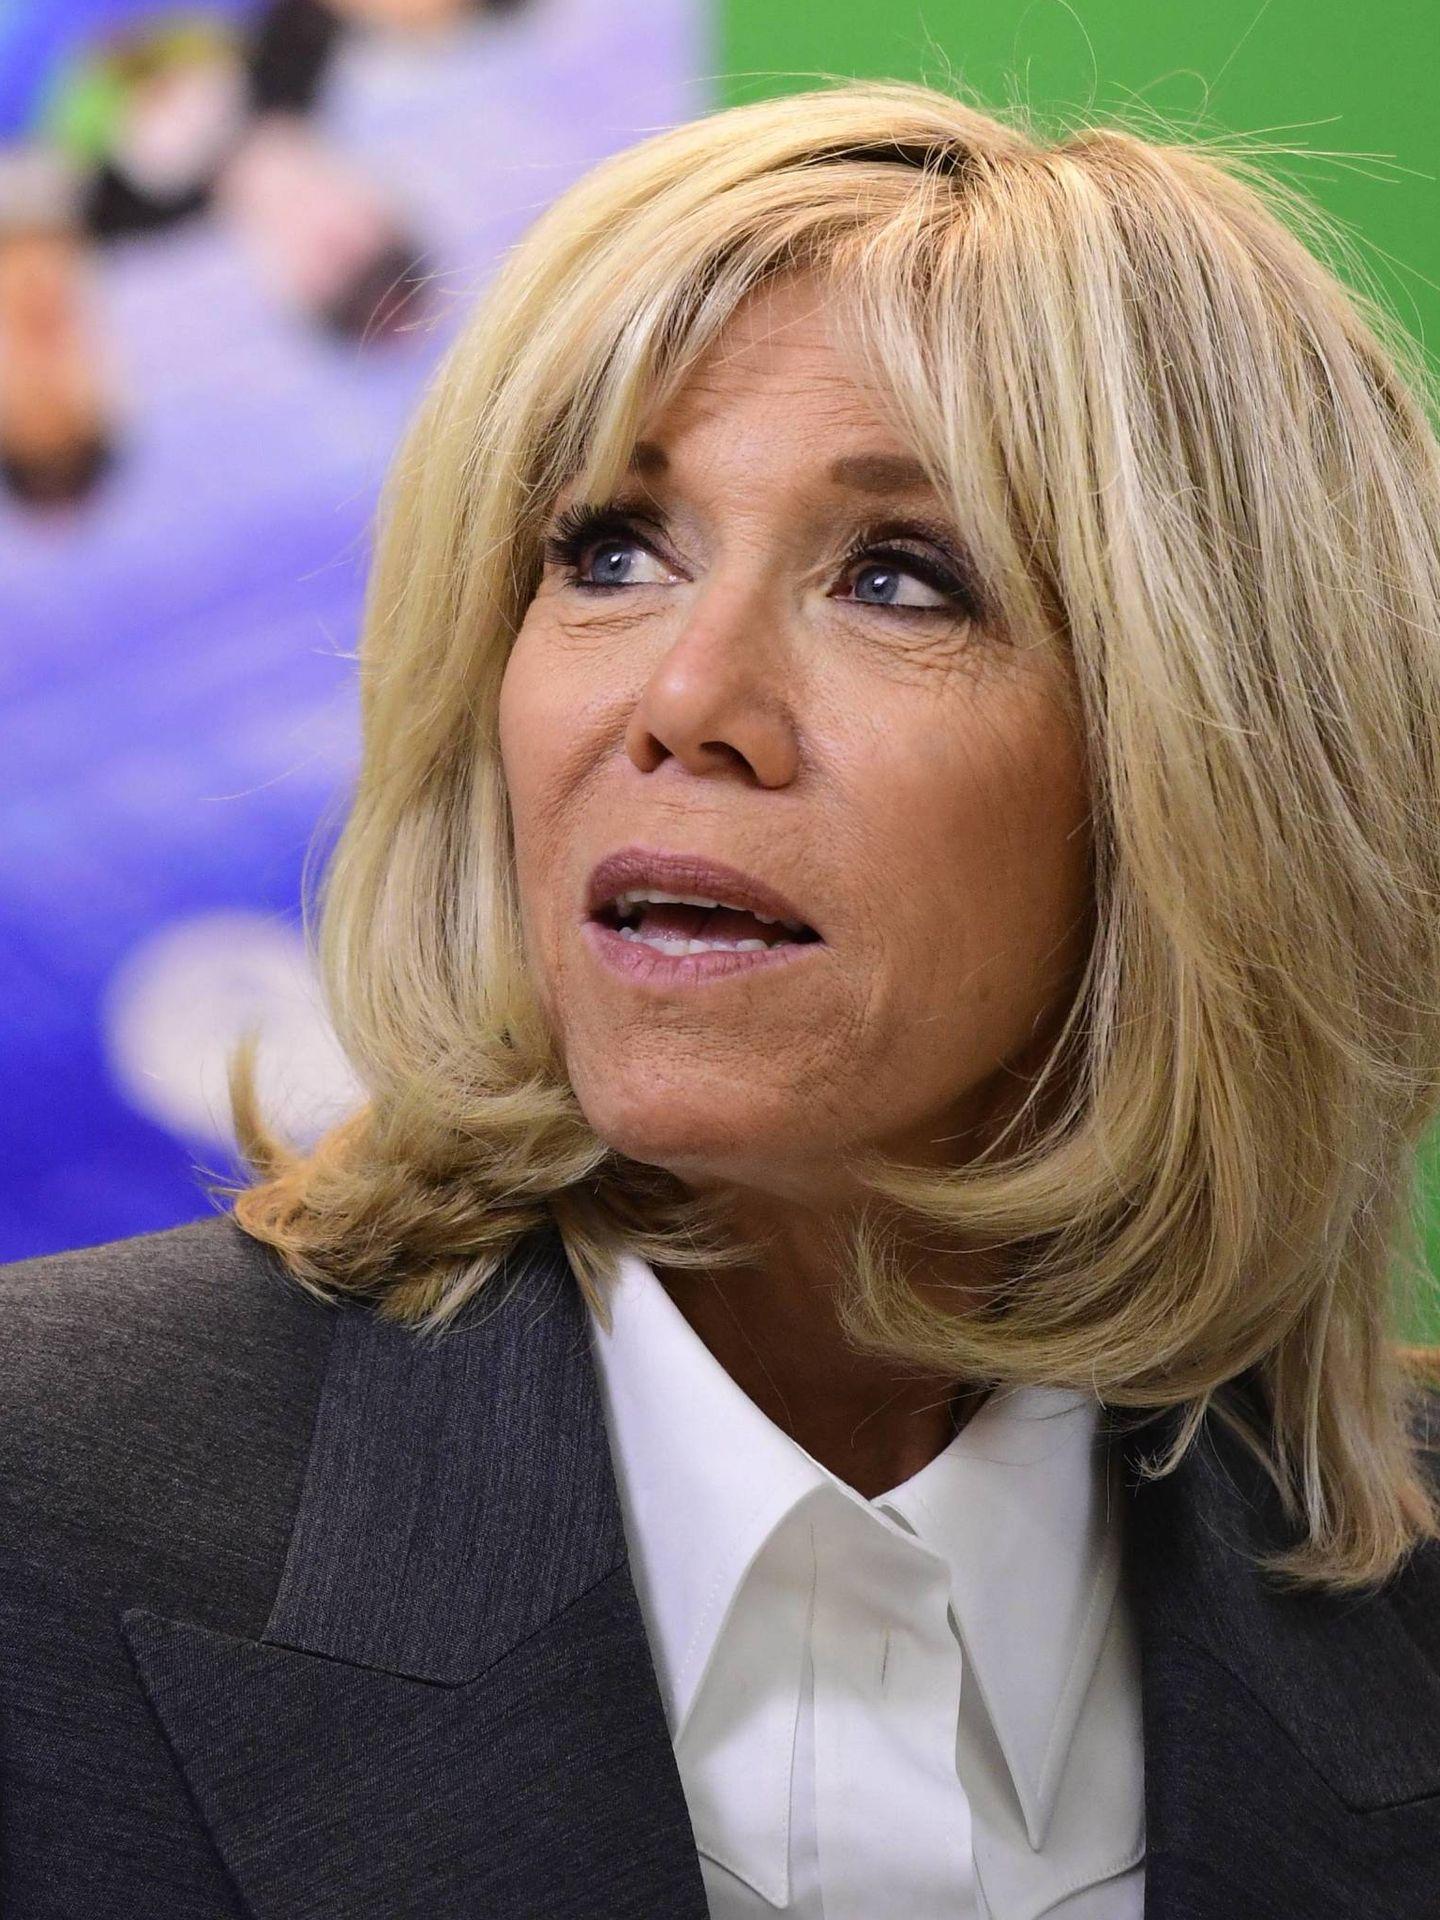 Detalle del volumen de la melena de Brigitte Macron. (Cordon Press)